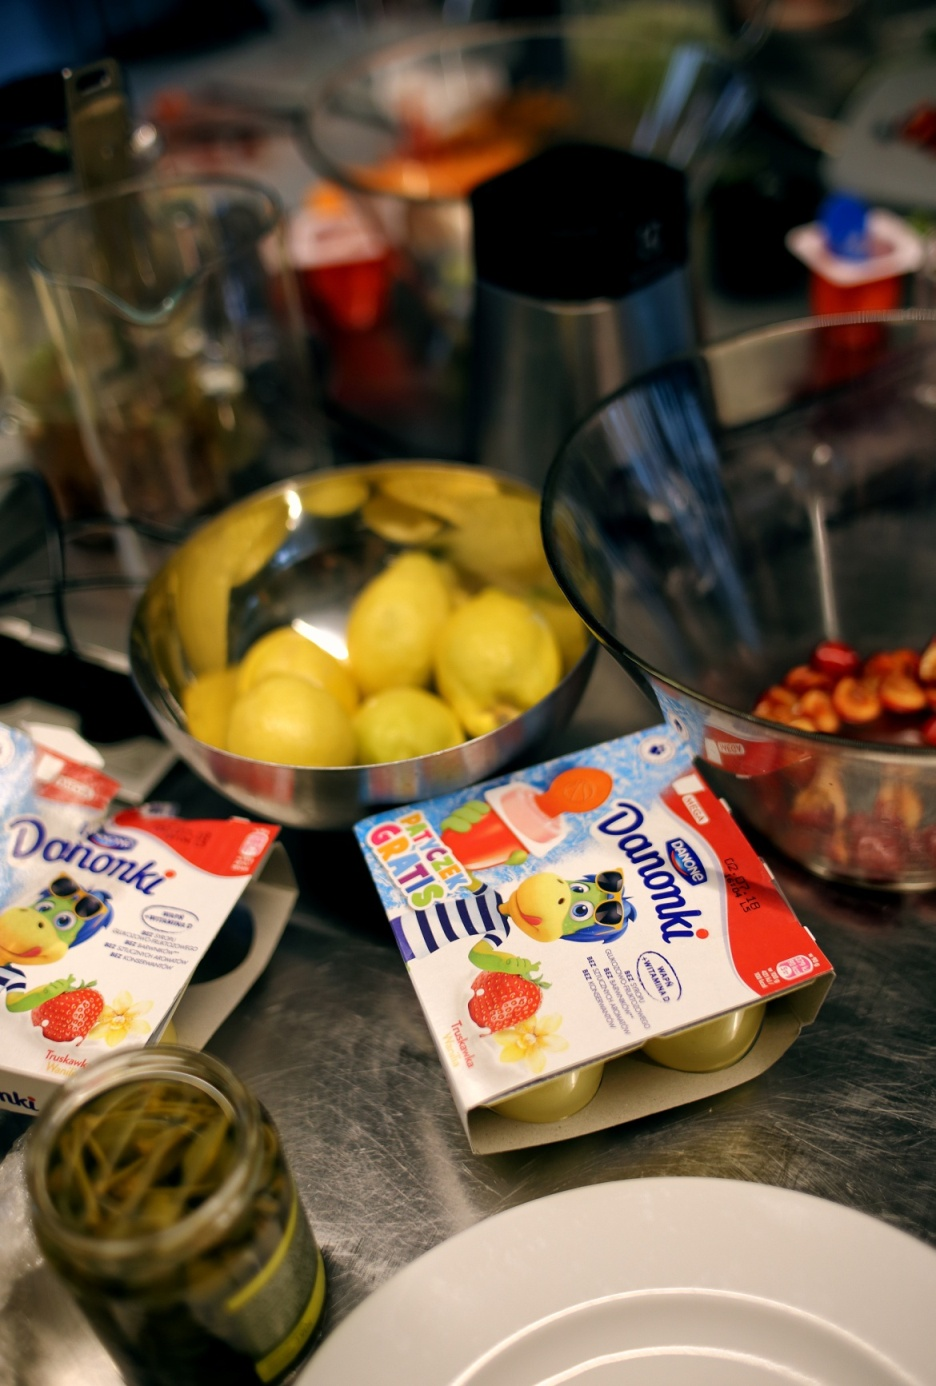 DANONKI, deser, podwieczorek, dzieci, jogurt, gotowanie, kuchnia